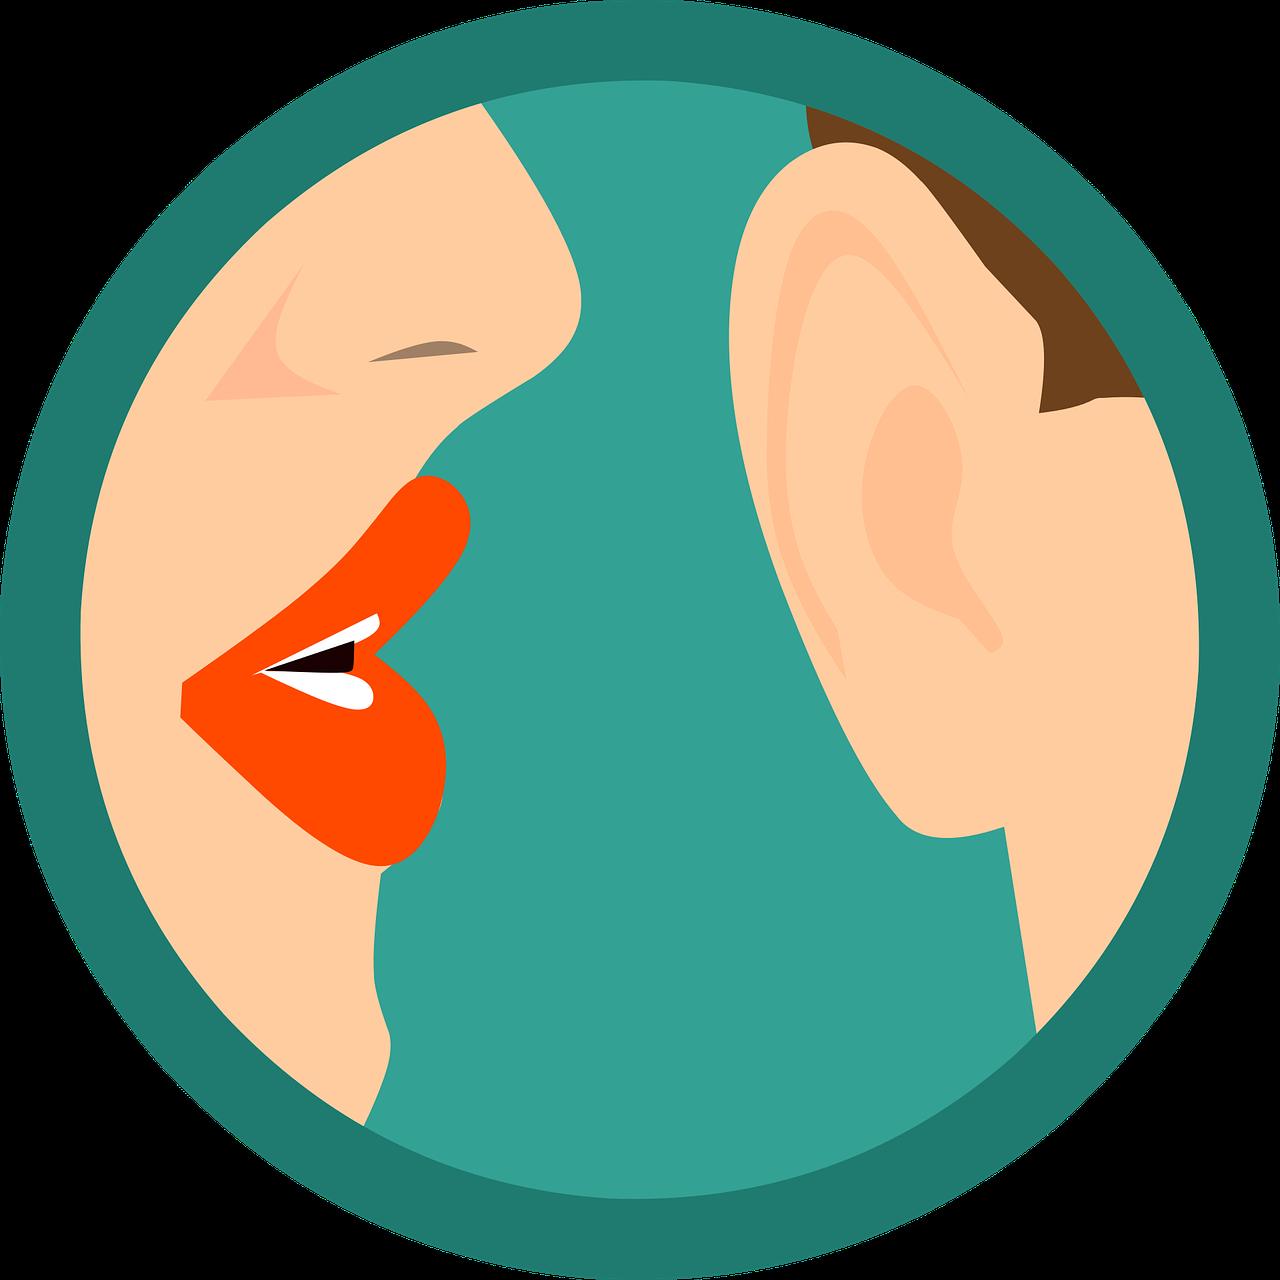 gossip, whisper, ear, talk, chatter, faked, spirituality